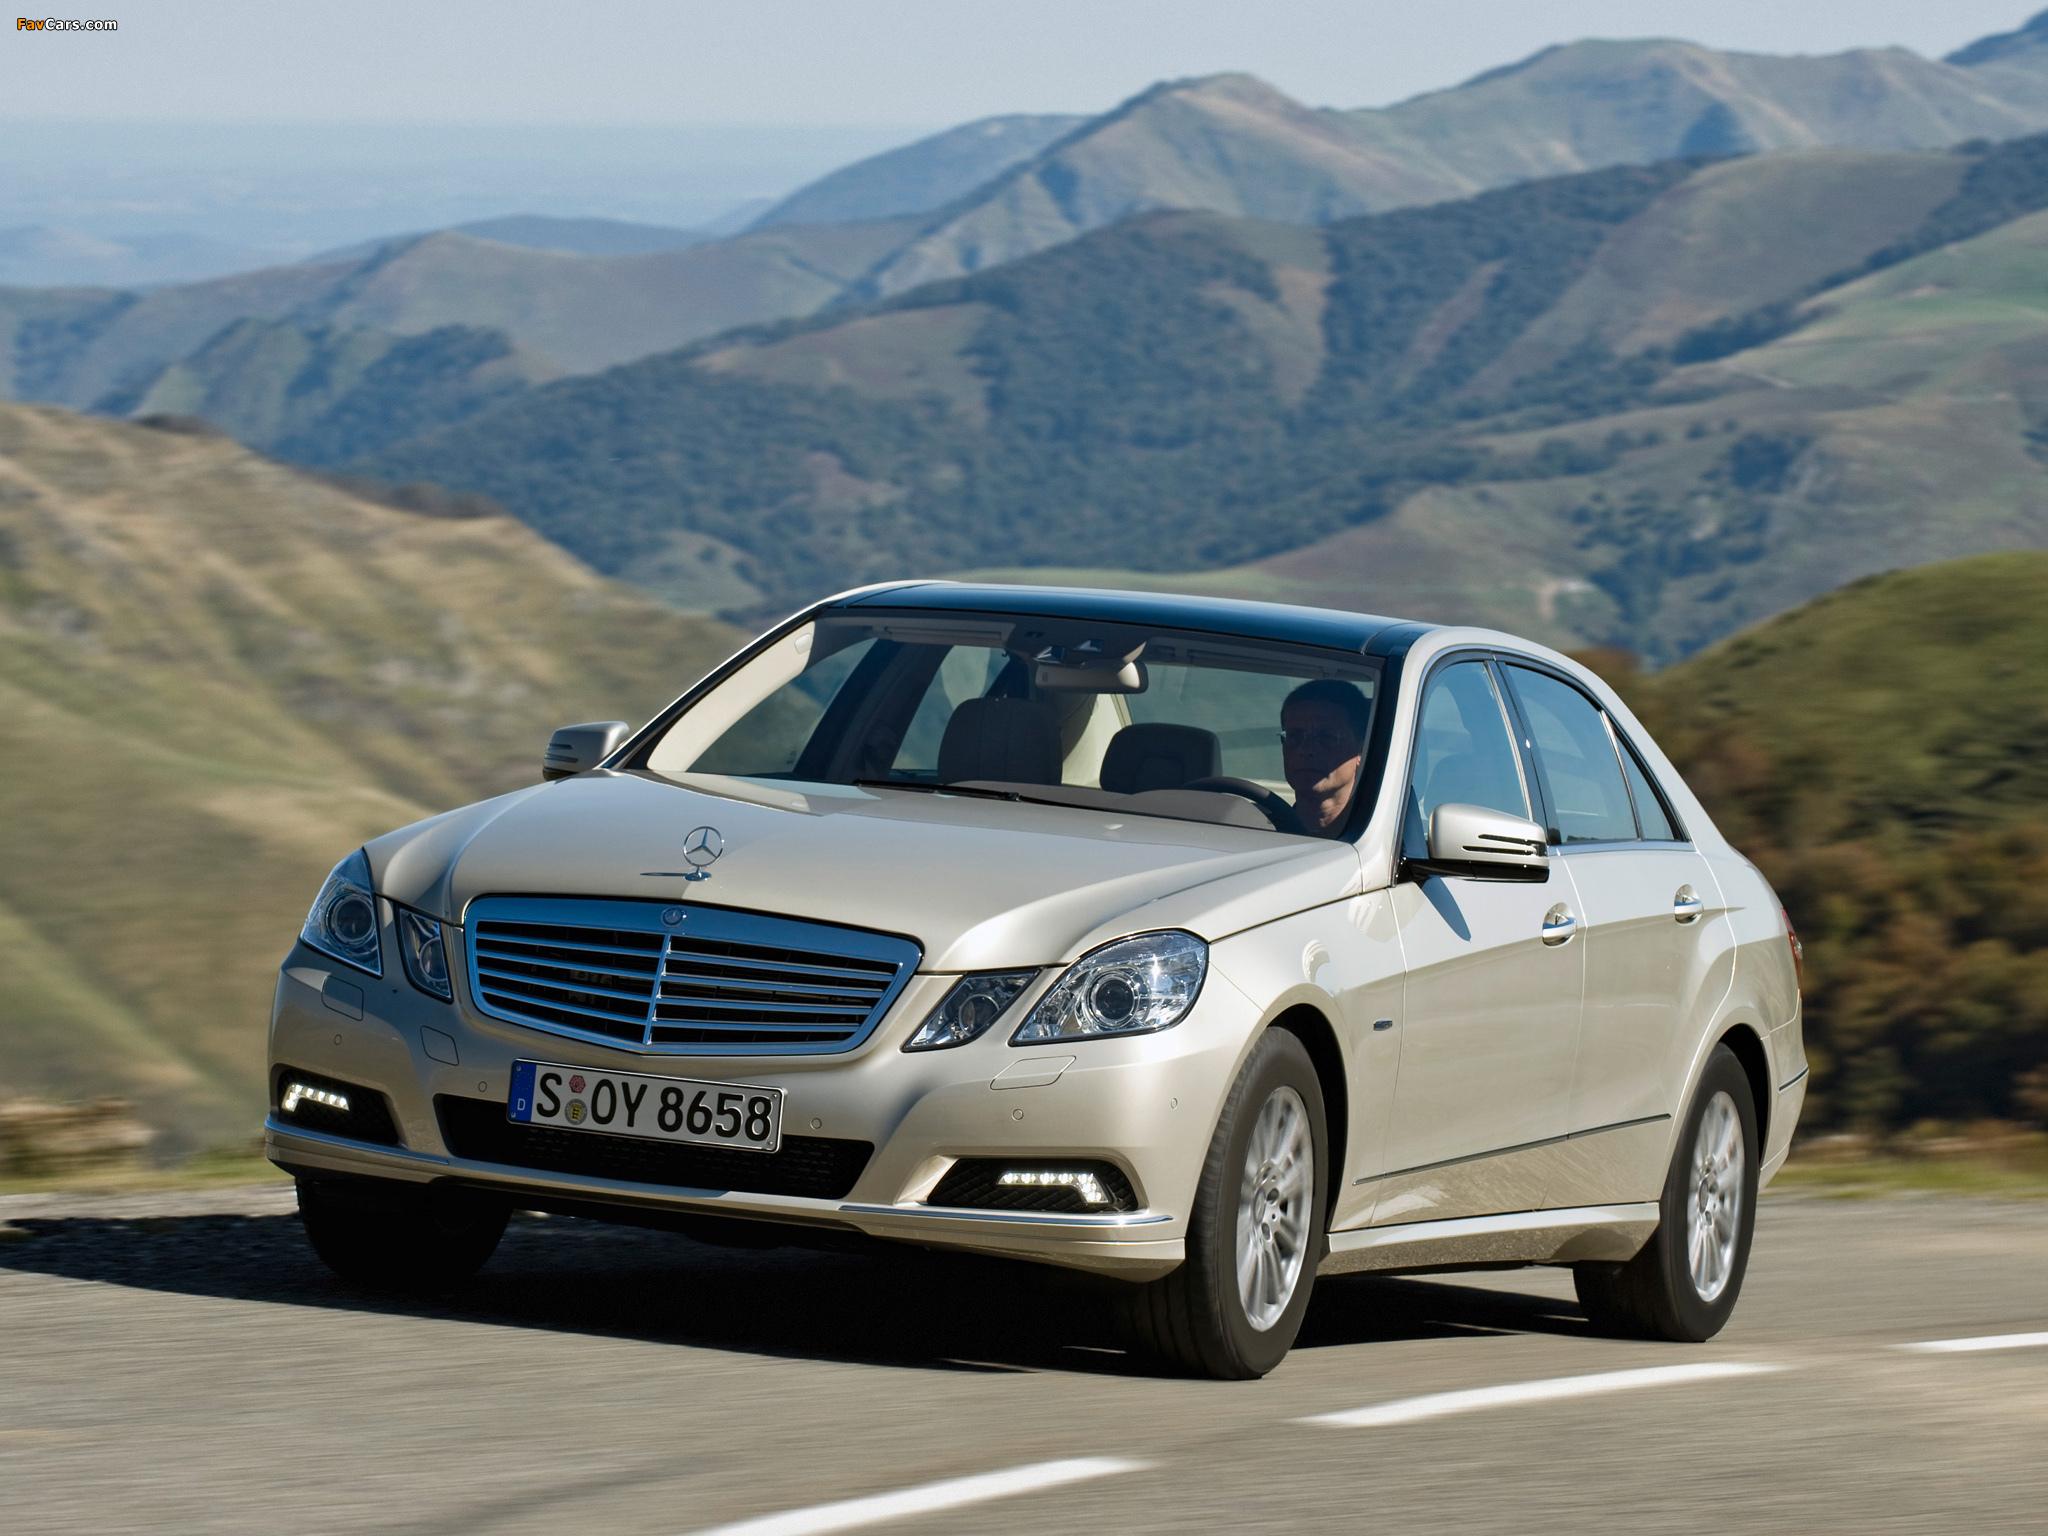 Можно ли установить на Mercedes E-Class (W212) доводчики стекол, срабатывающие при постановке на охрану